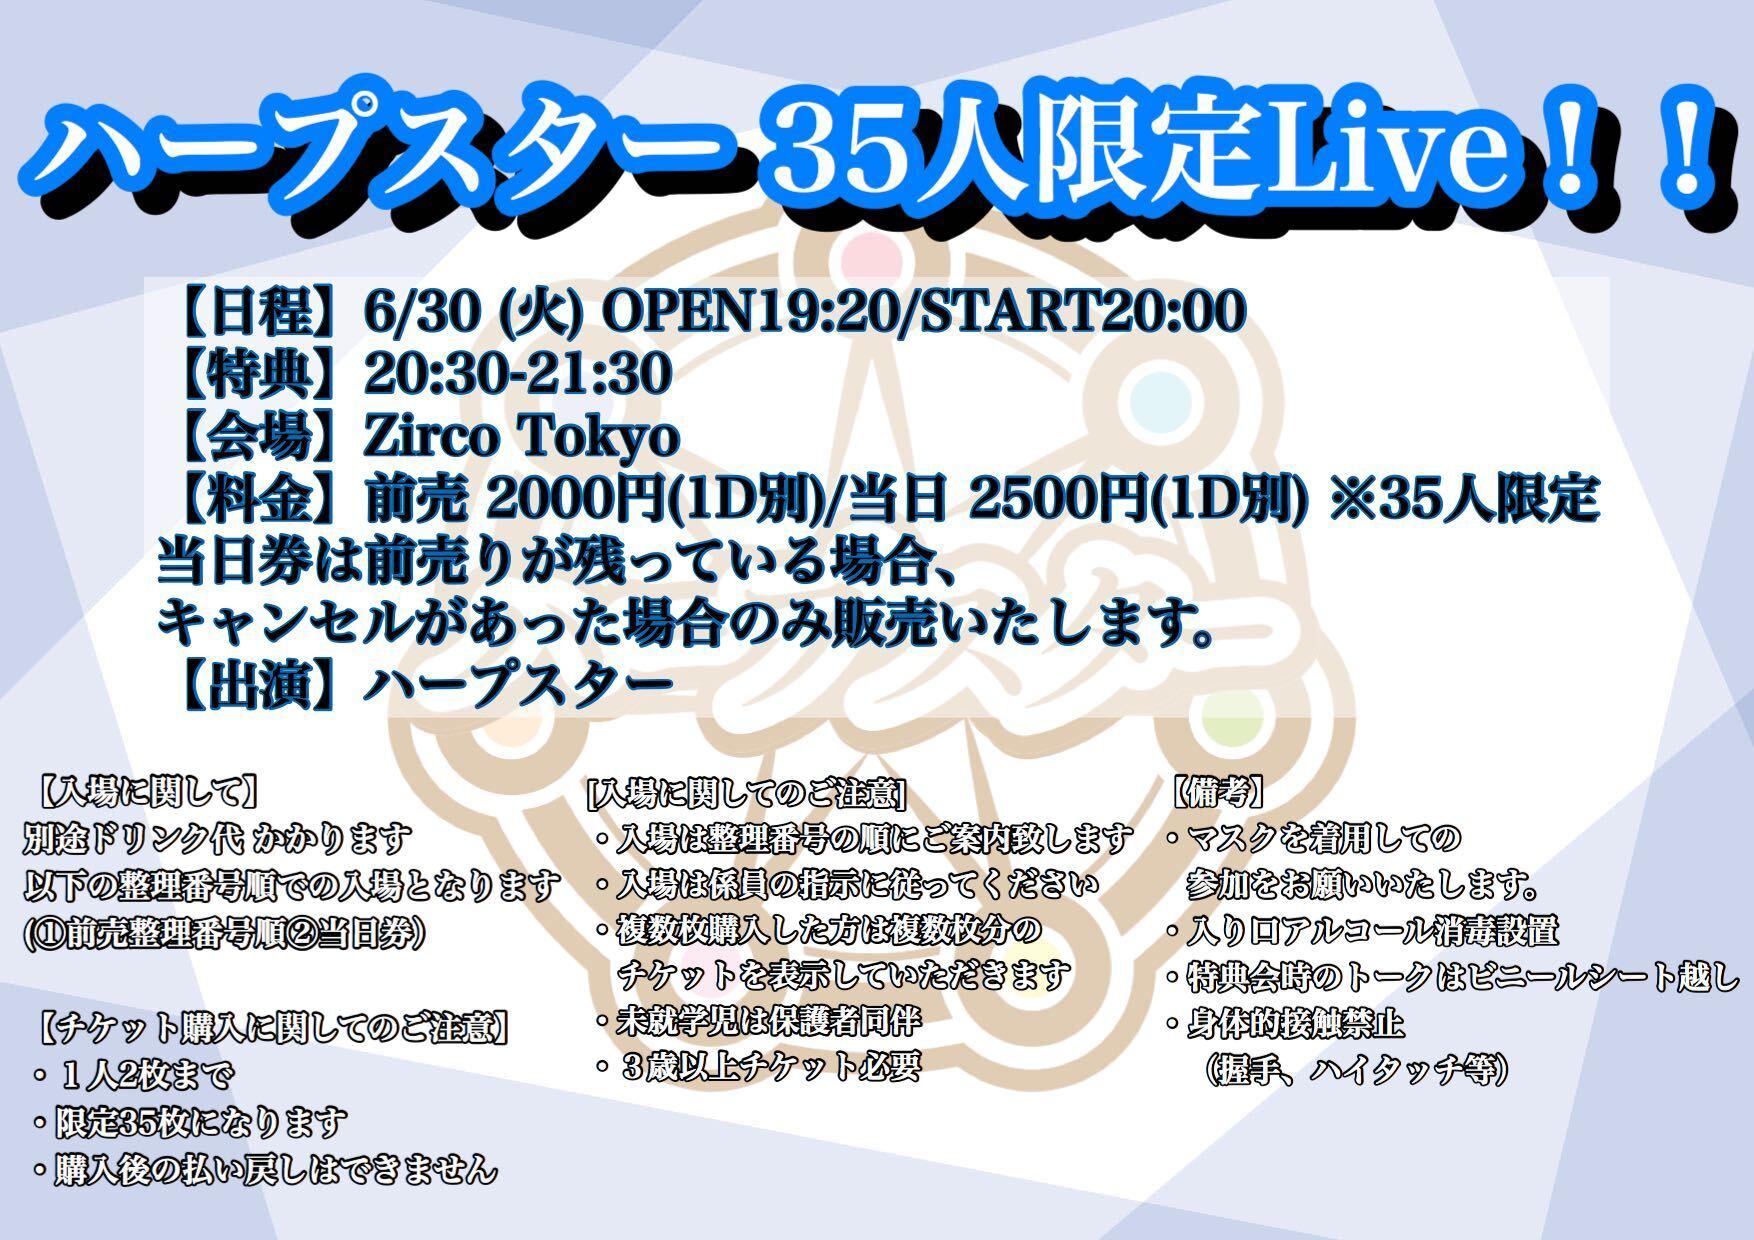 ハープスター 35人限定Live!!